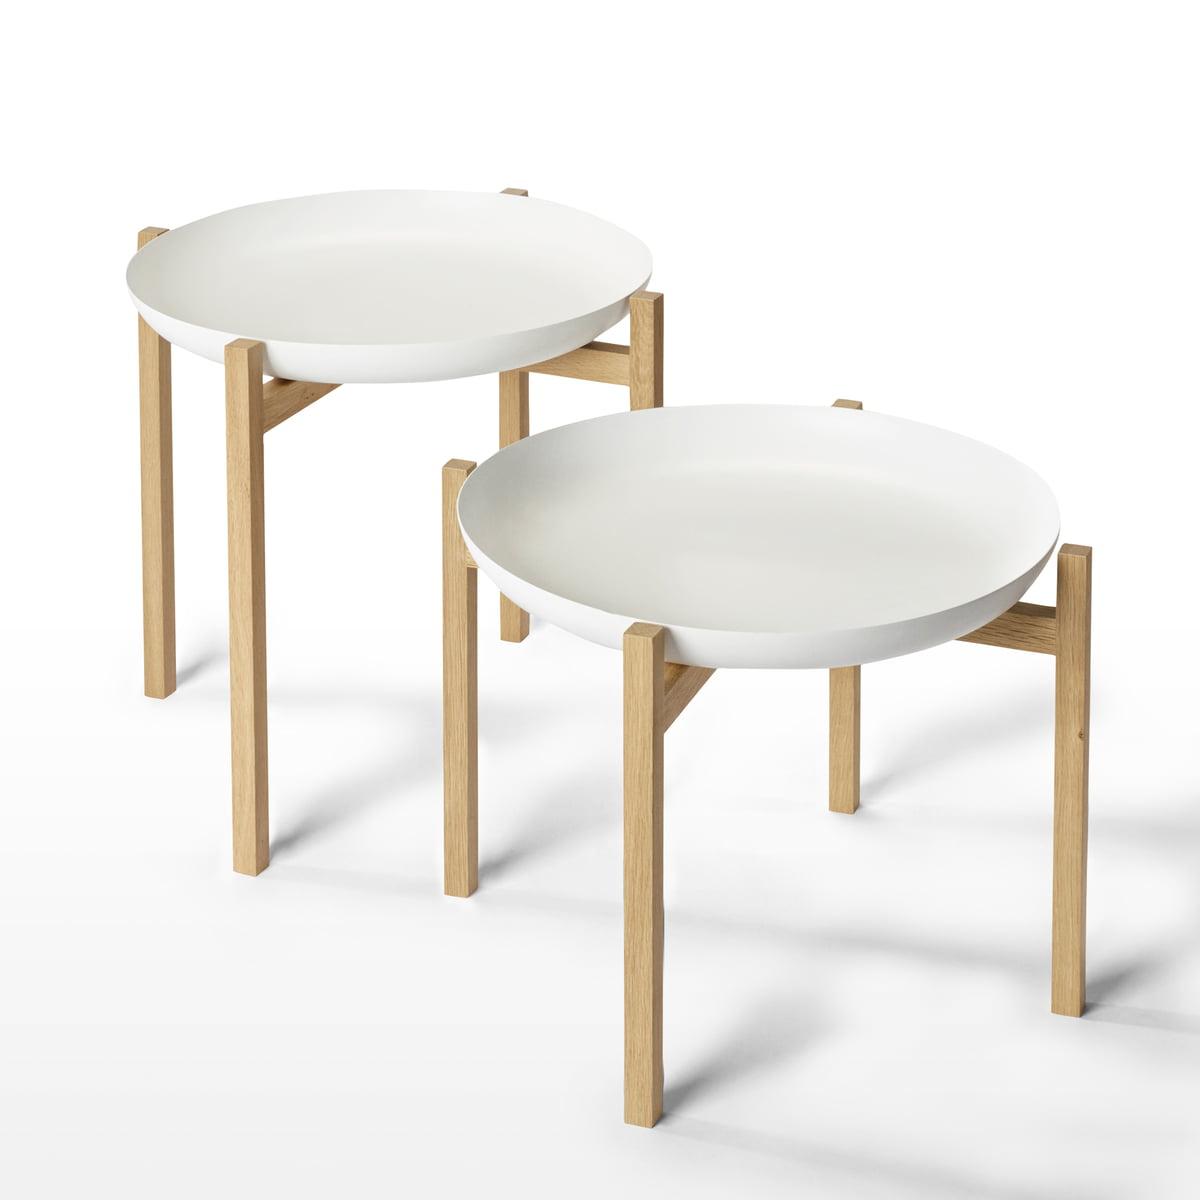 tablo beistelltisch design house stockholm. Black Bedroom Furniture Sets. Home Design Ideas